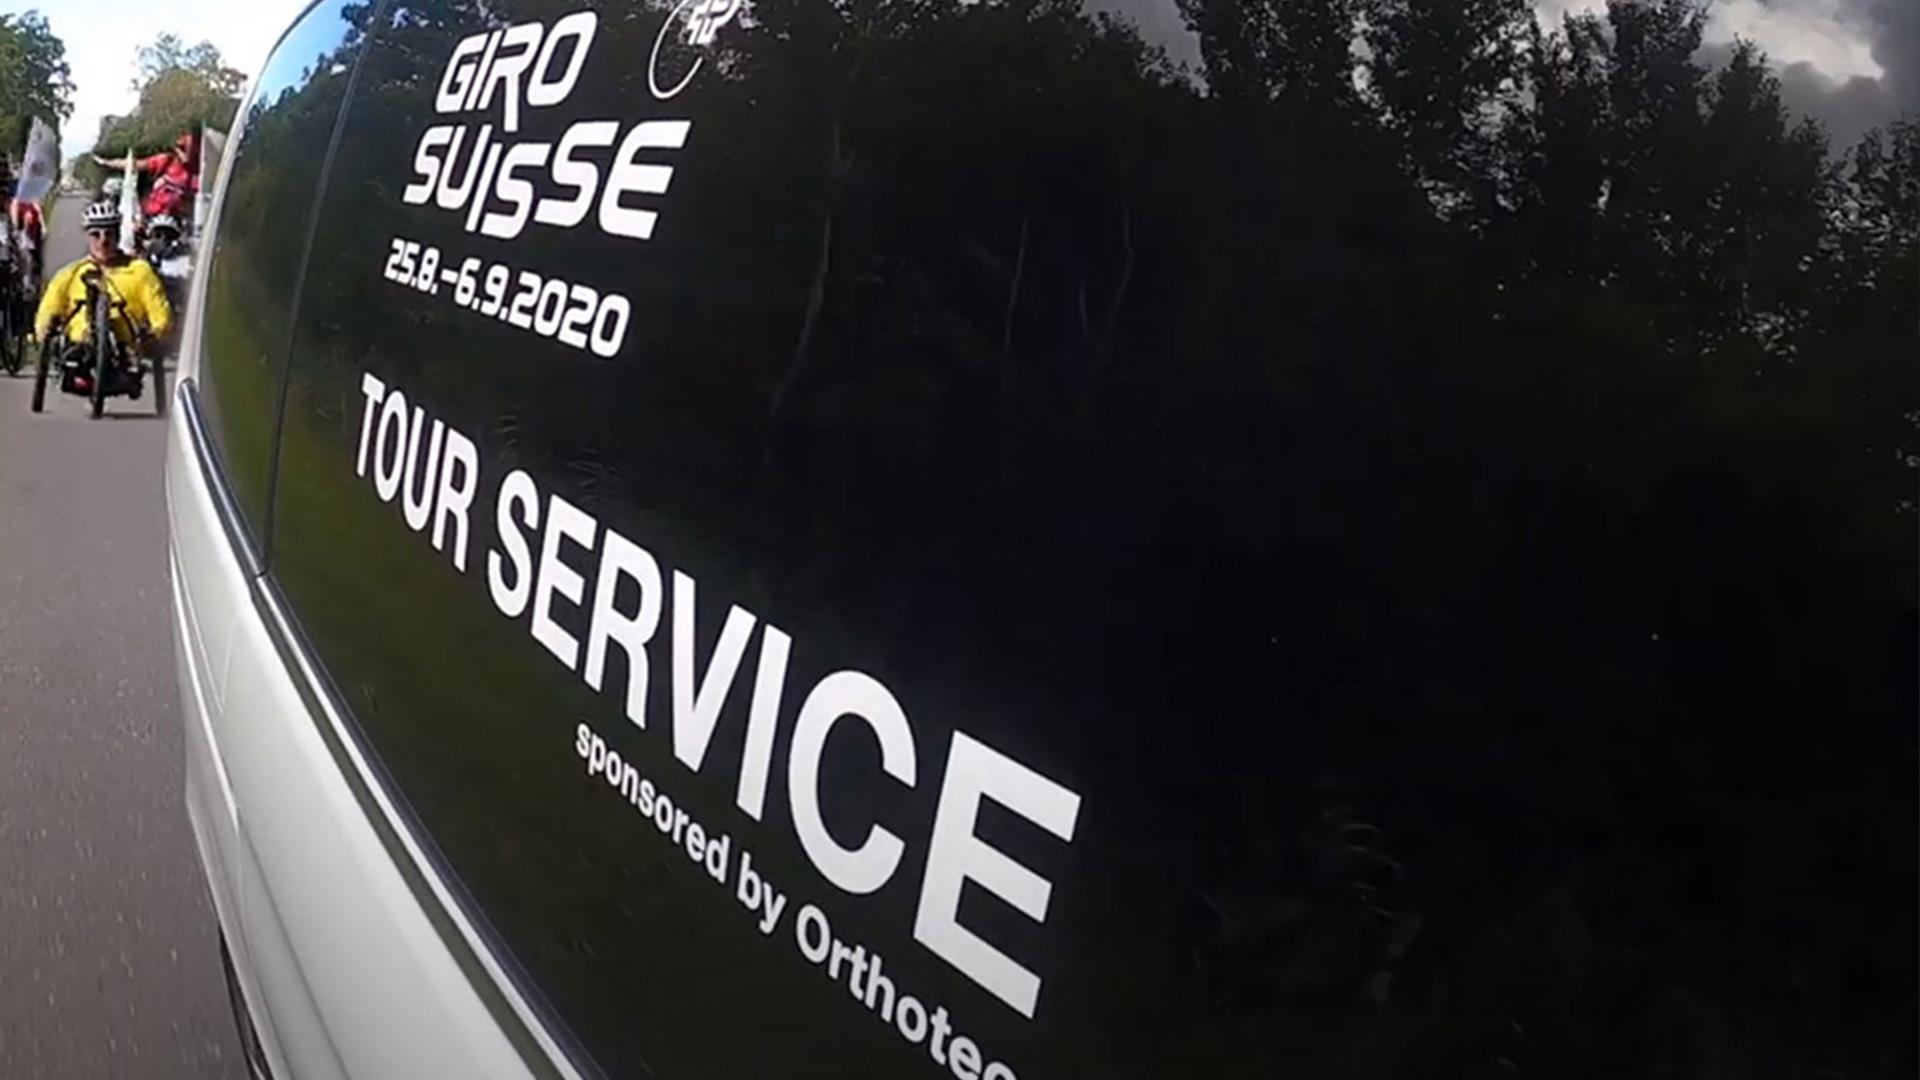 Orthotec Giro Suisse Tour Service